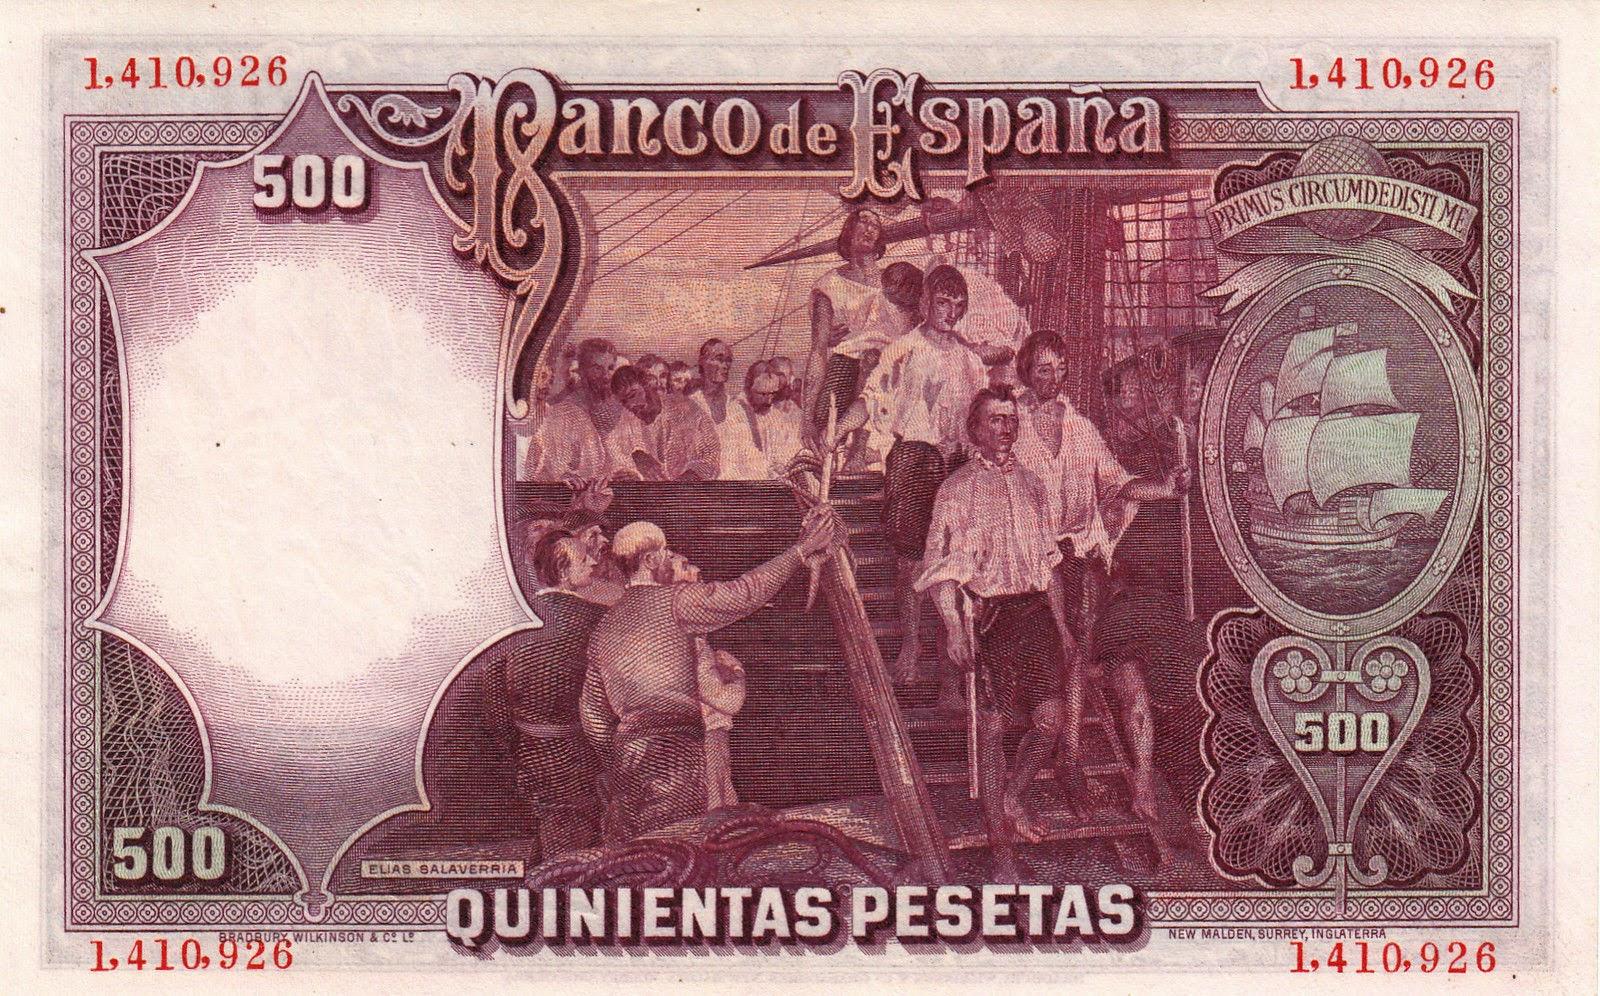 Spain money currency 500 Pesetas banknote 1931